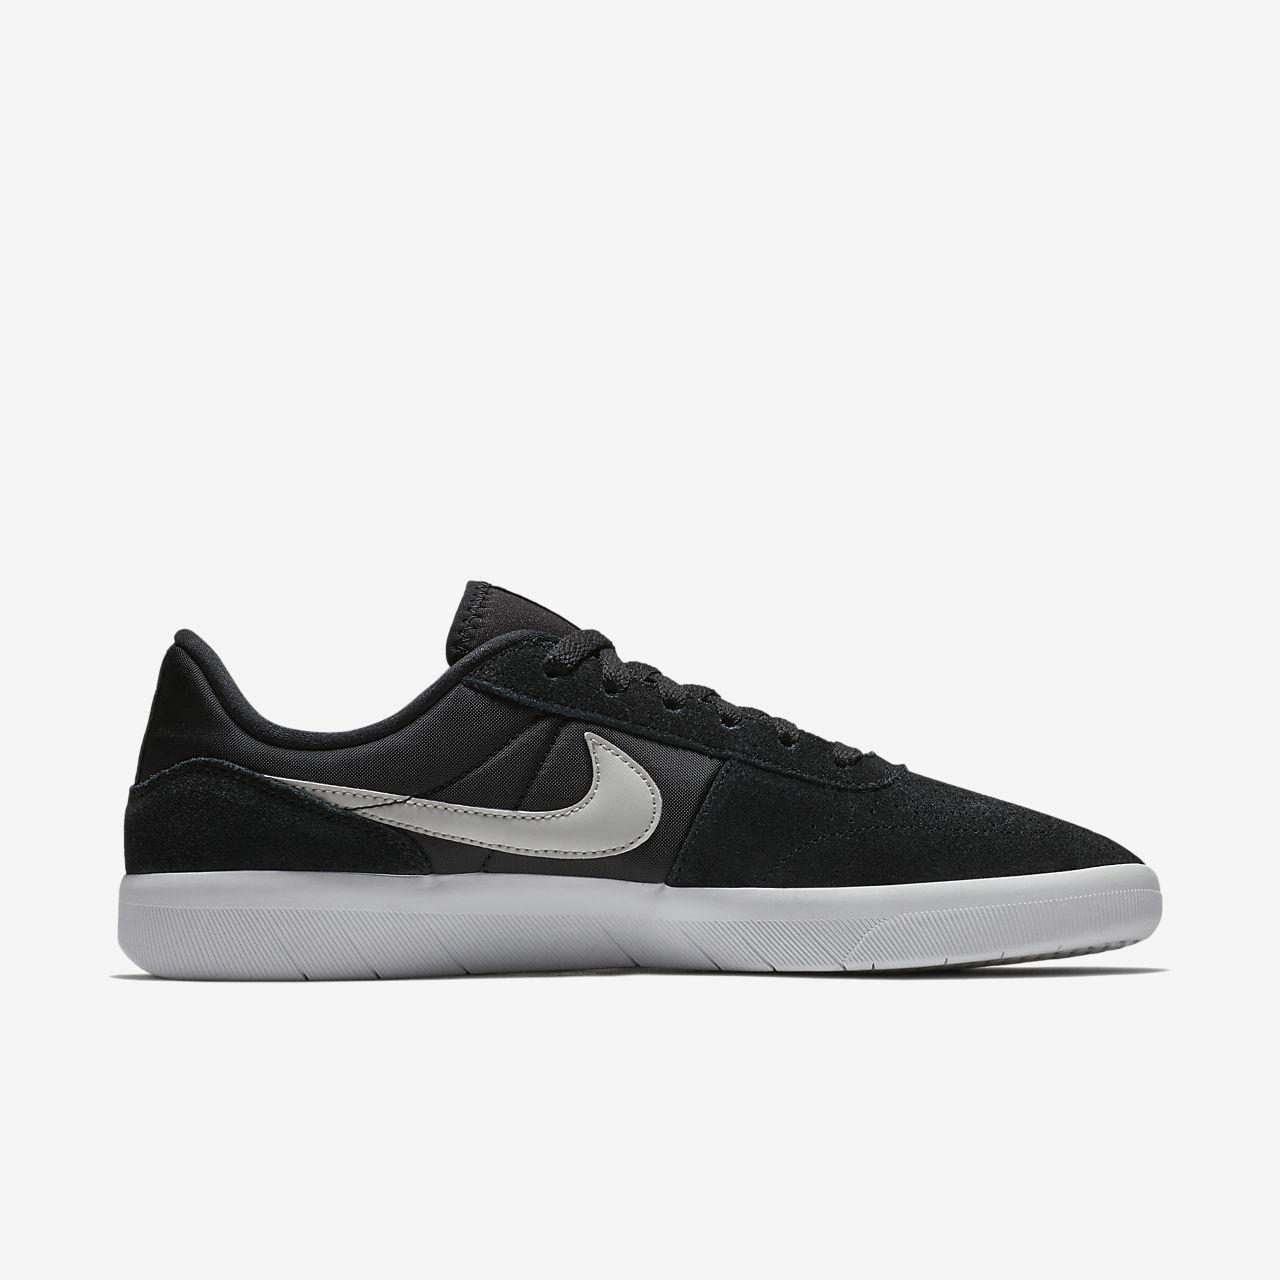 Nike Chaussures De Skate En Toile Plus Port Vert Nike Vert oWECFnho55